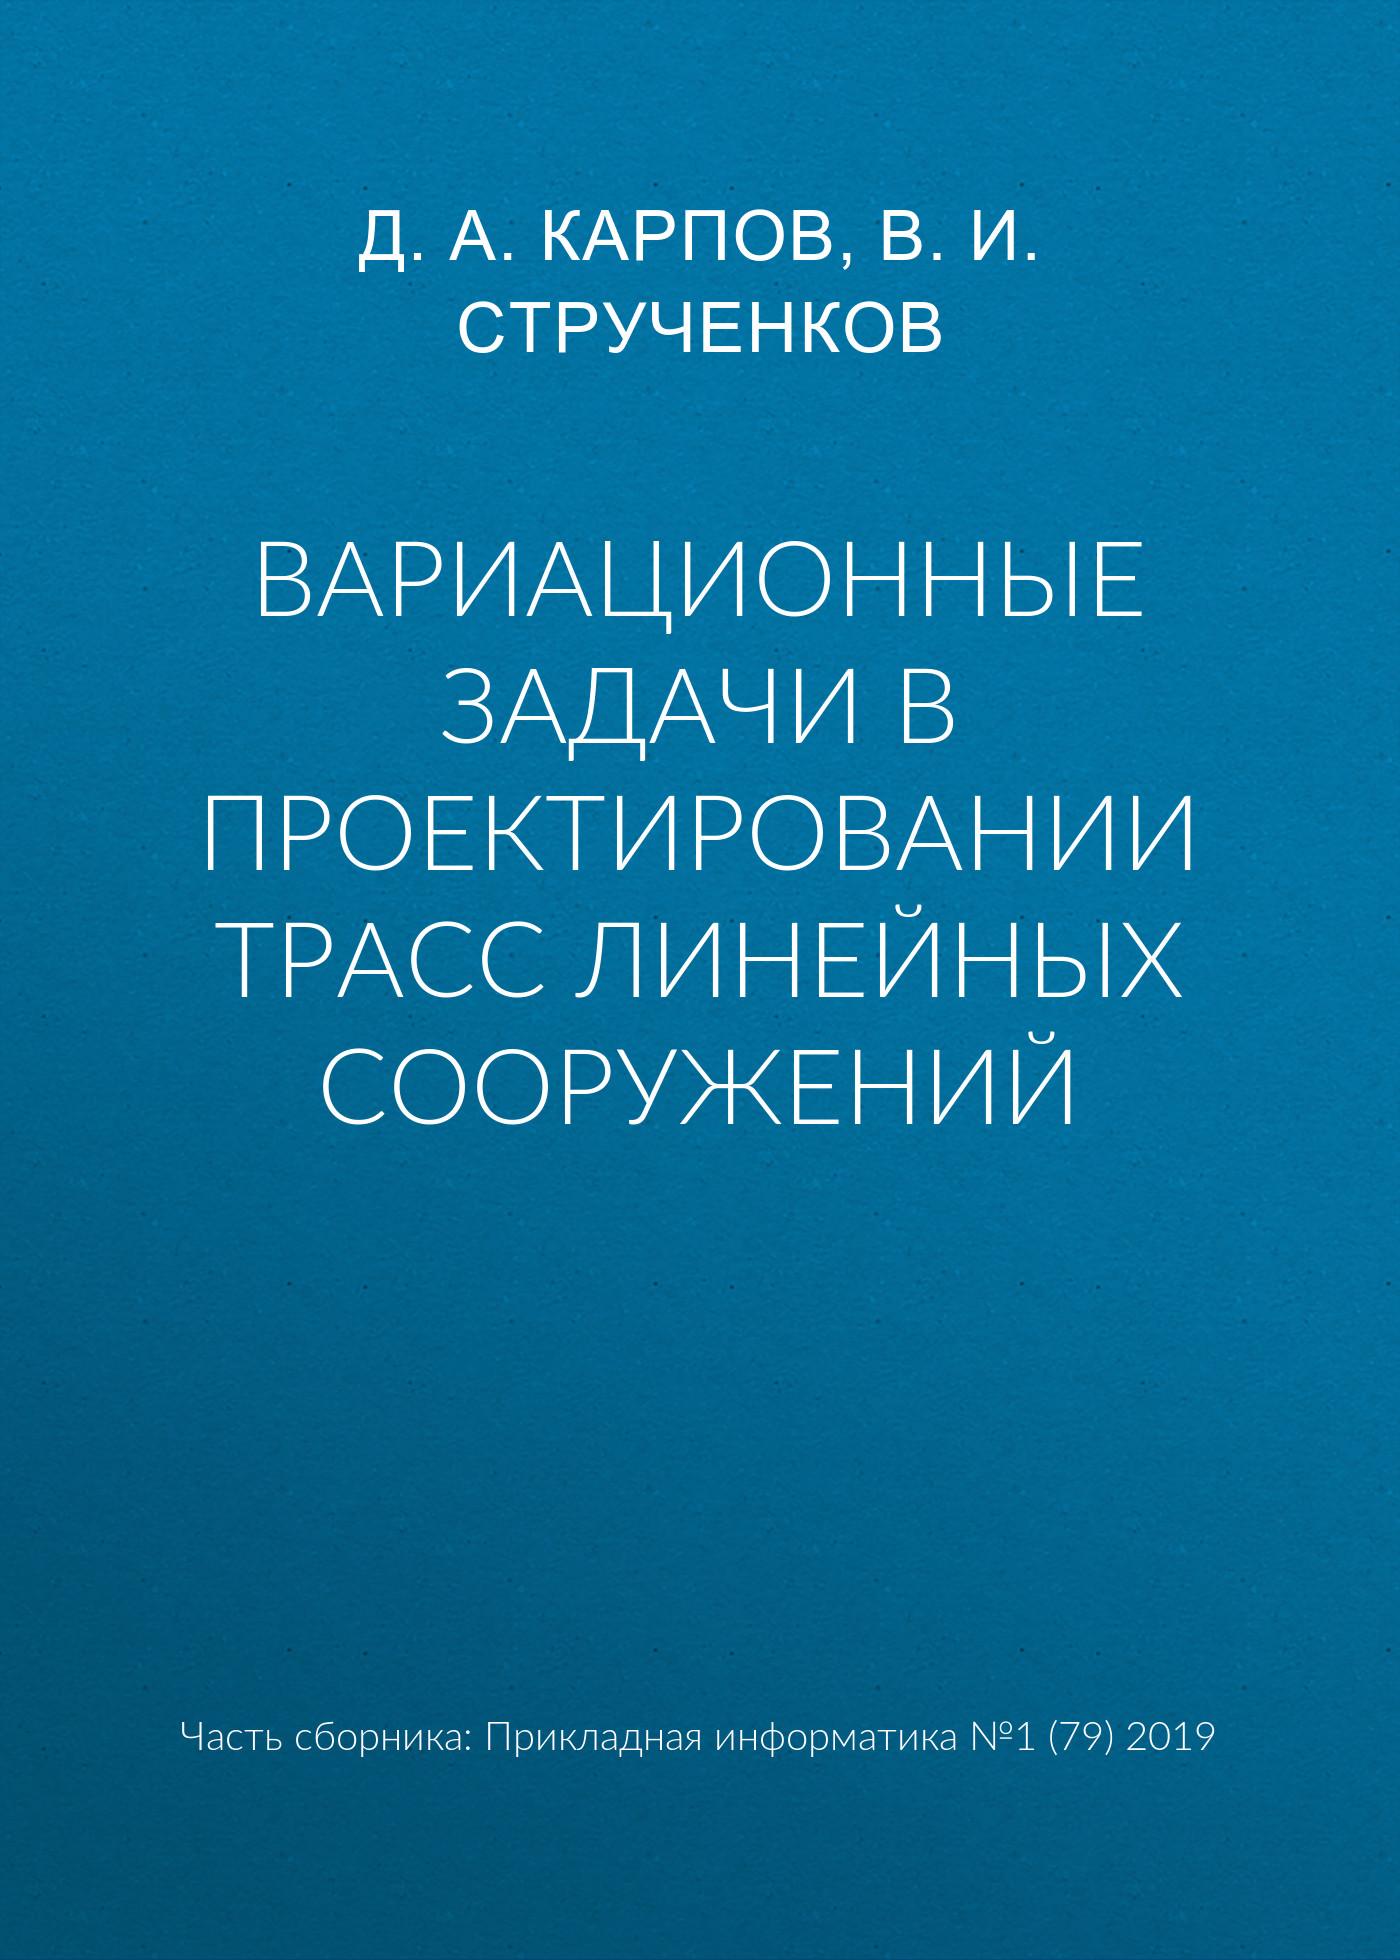 В. И. Струченков Вариационные задачи в проектировании трасс линейных сооружений